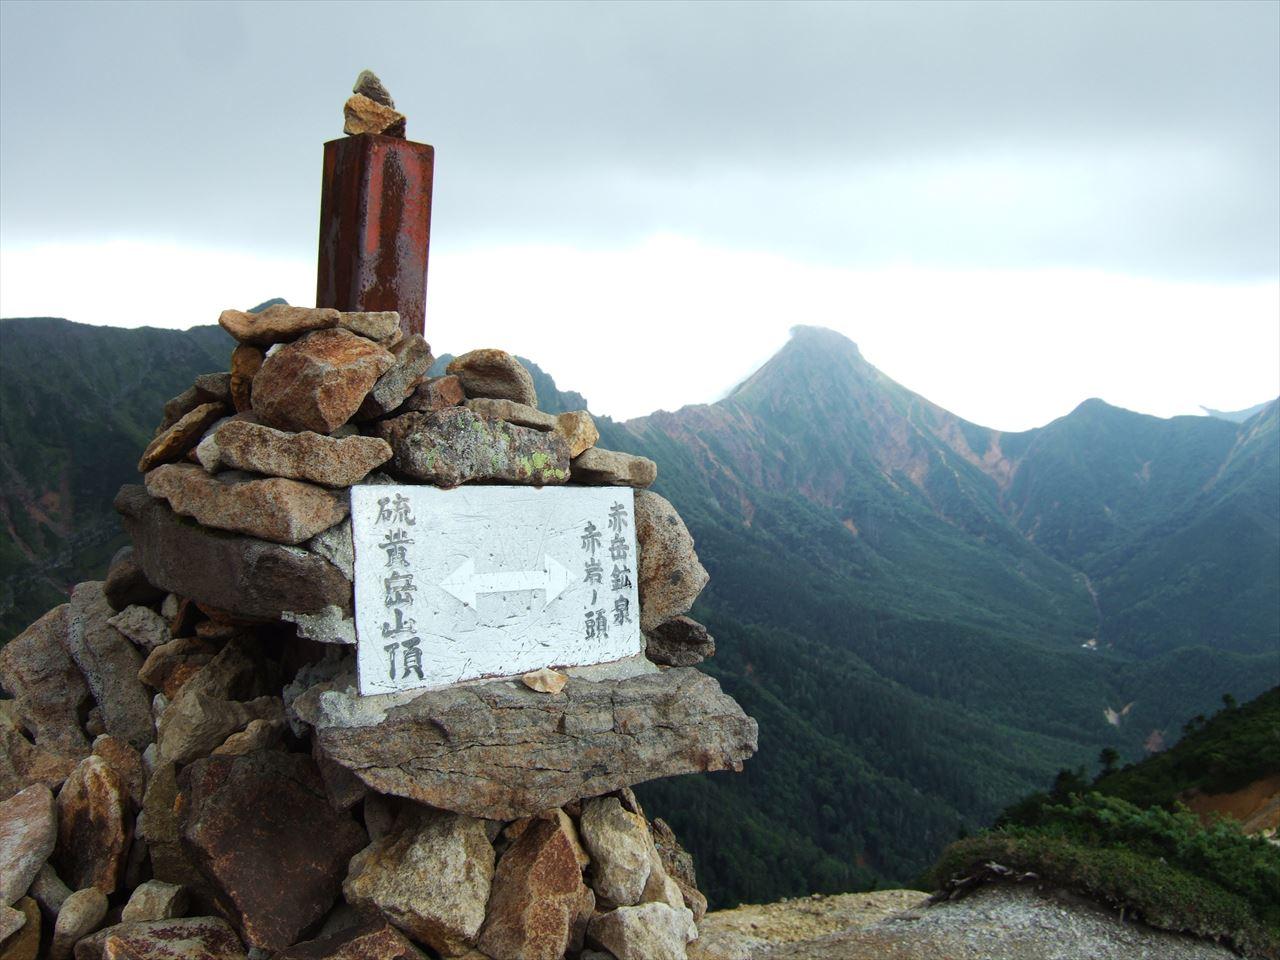 硫黄岳(八ヶ岳)  テント泊登山 130万年前の記憶を辿る 南八ヶ岳入門コースで行く爆裂火口(2015.8.15)